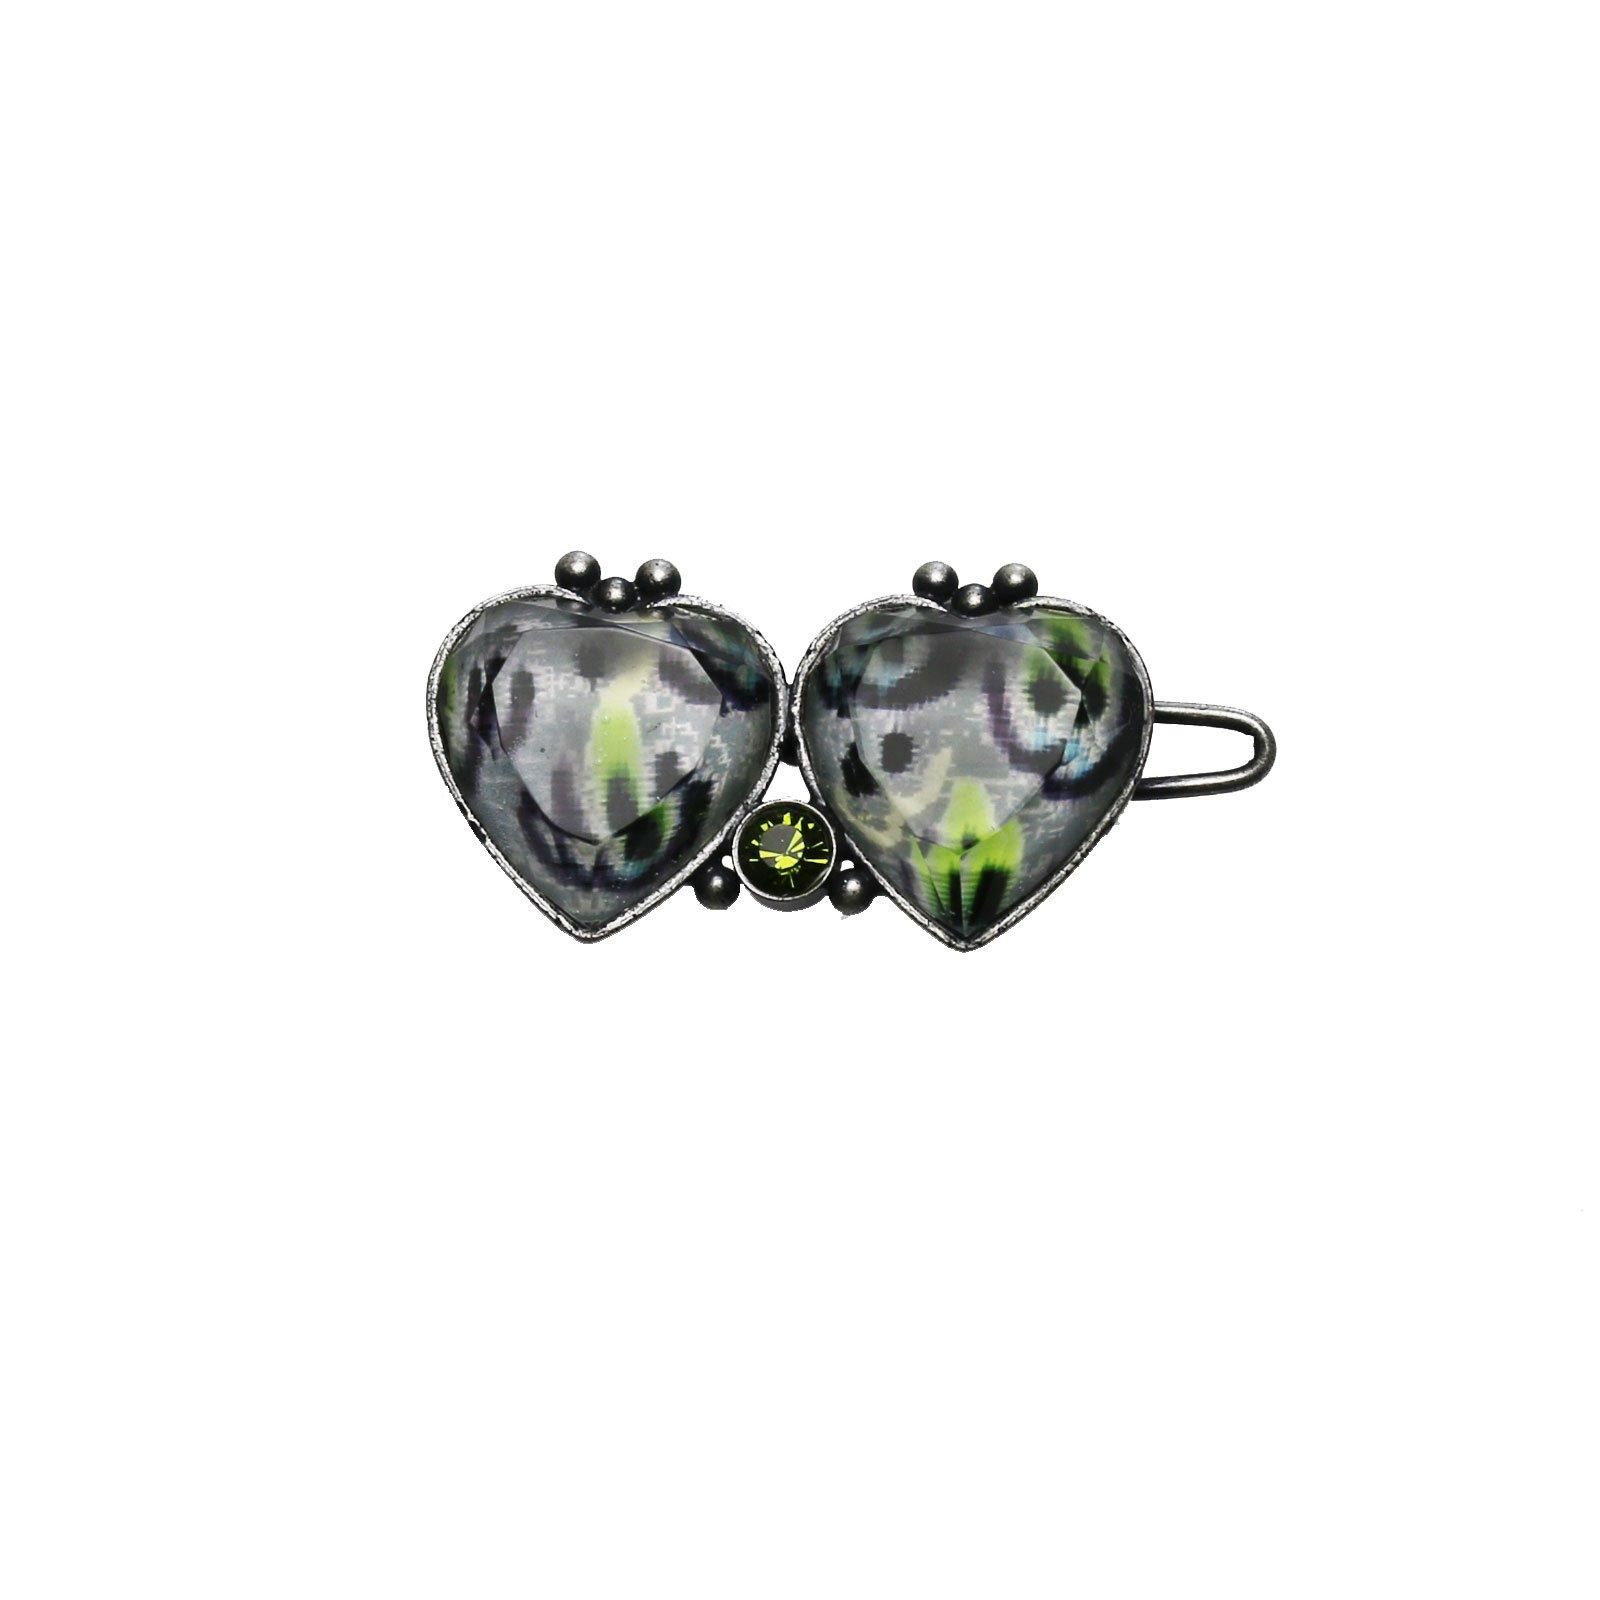 Tamarusan Hair Clip Hairpin Heart Gray Hair Ornament Hair Accessory